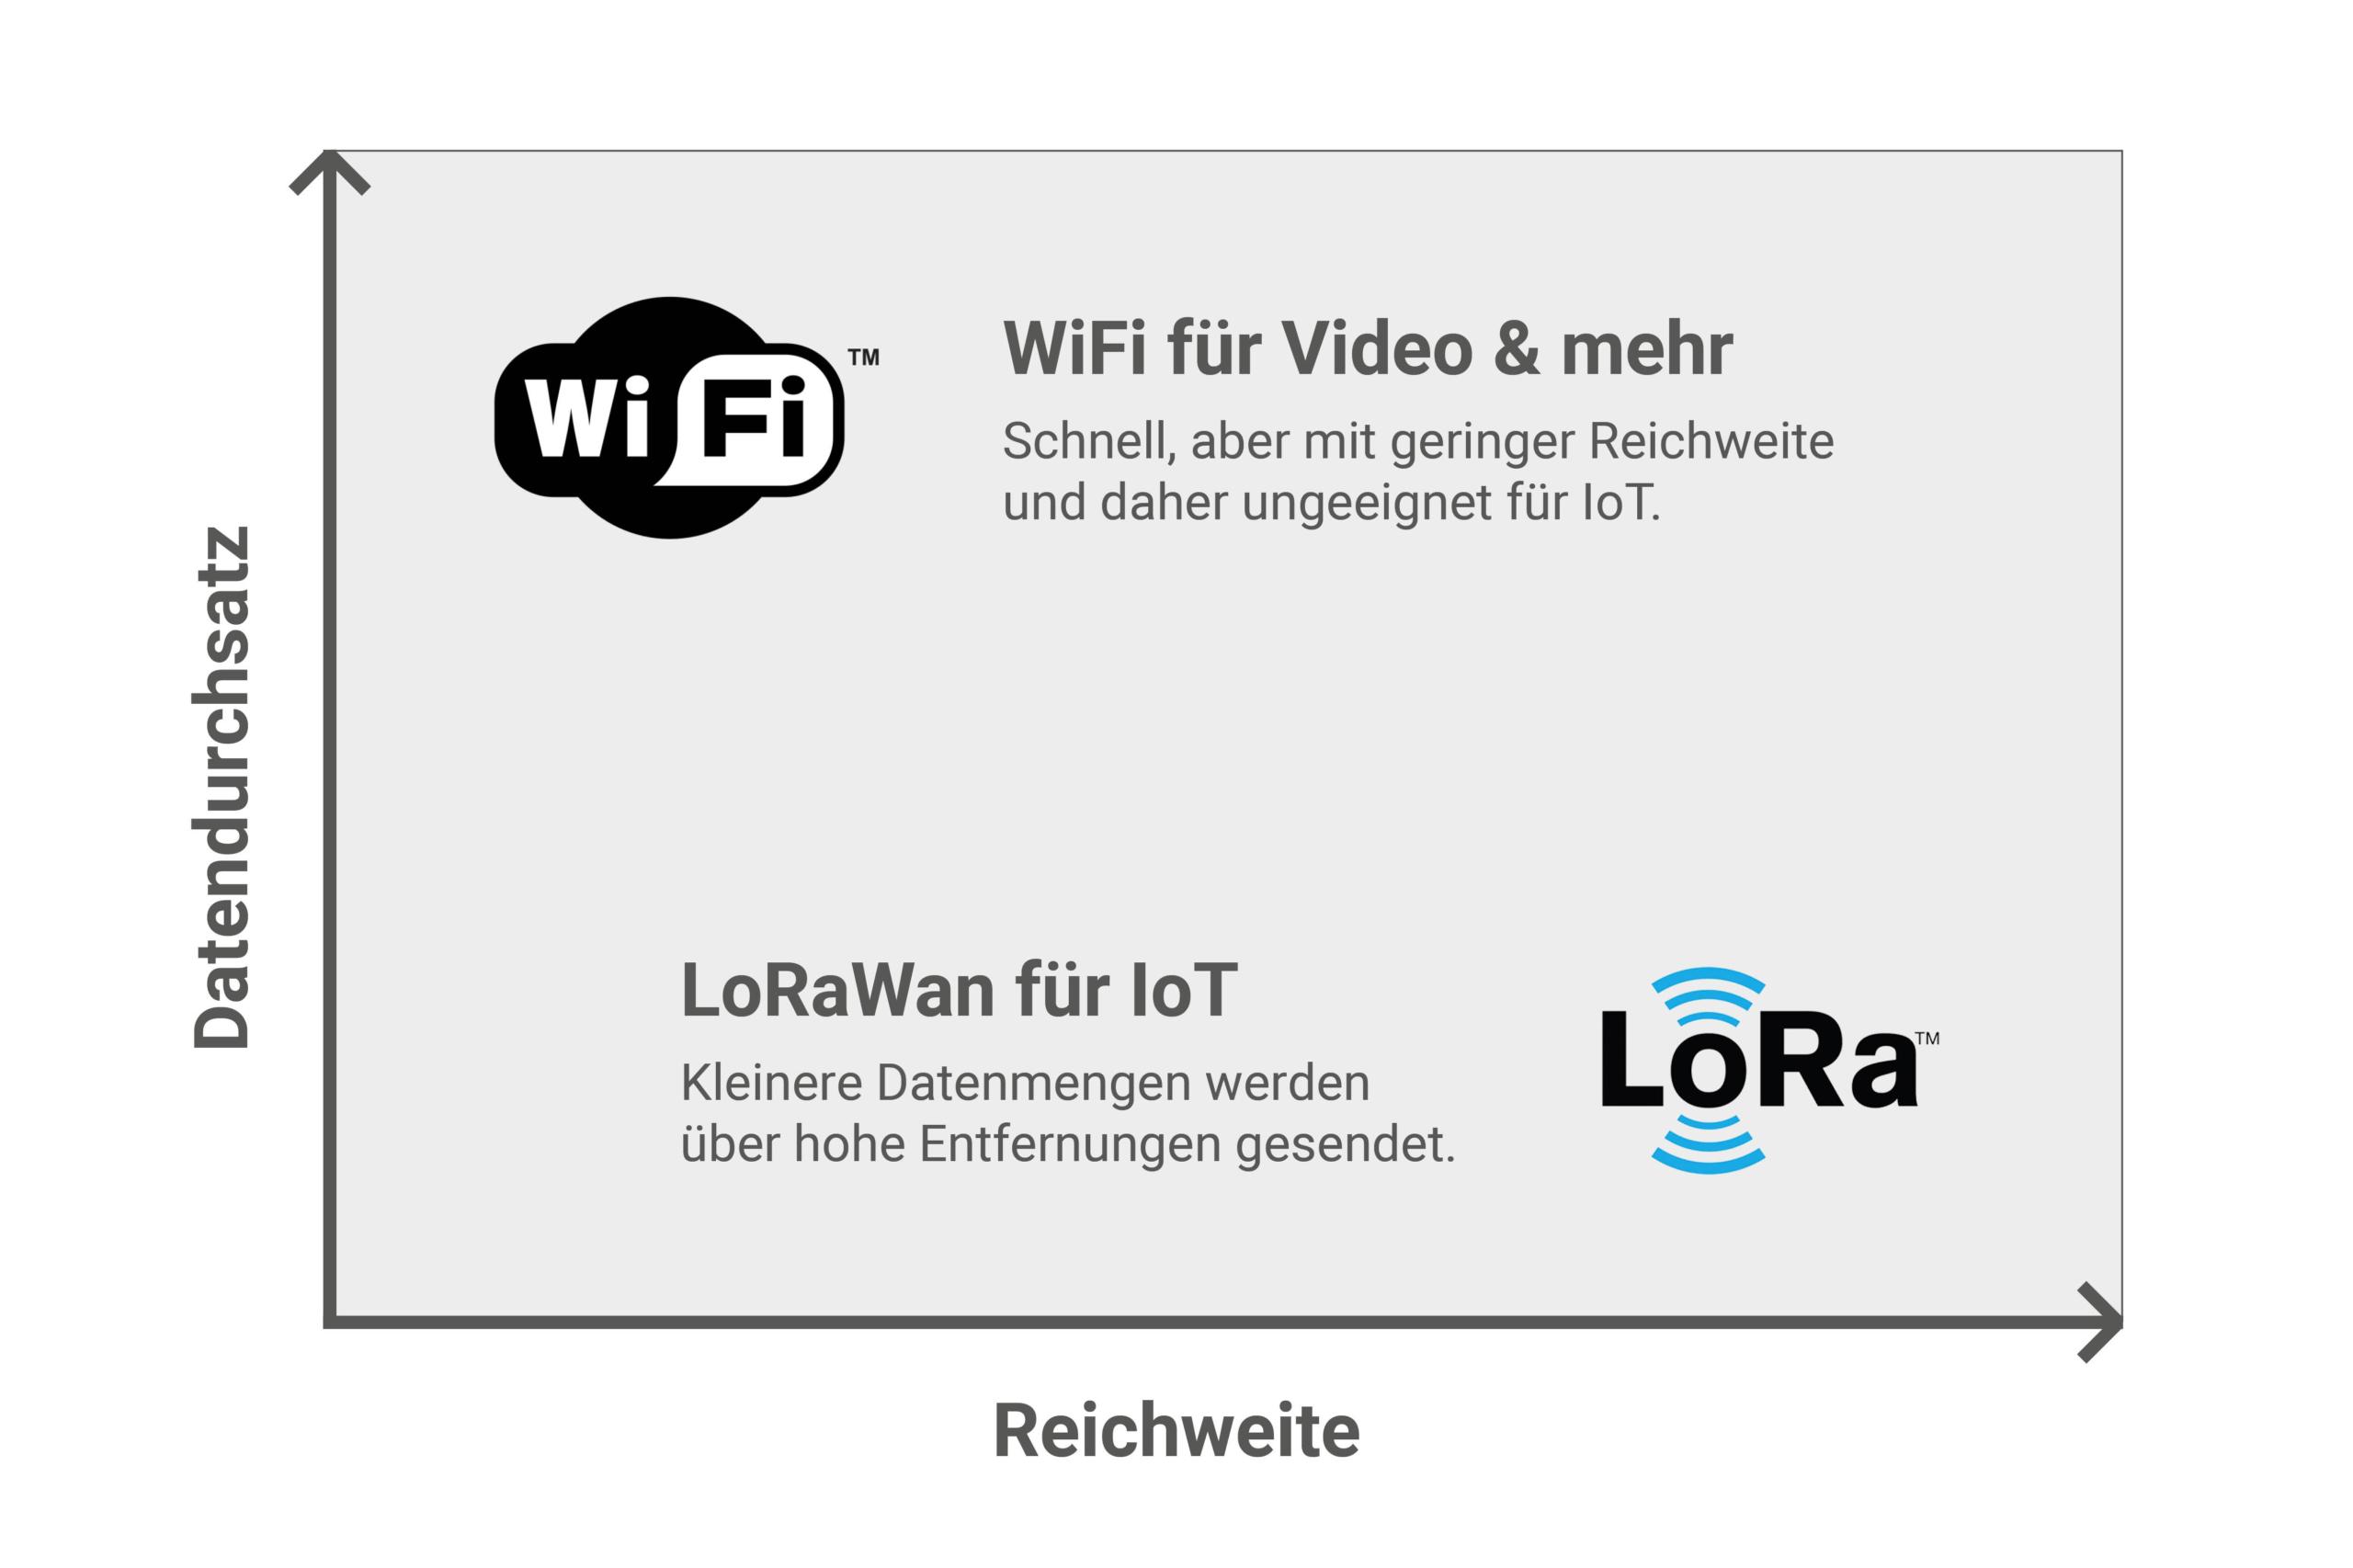 Vergleich zwischen Wlan und LoRa